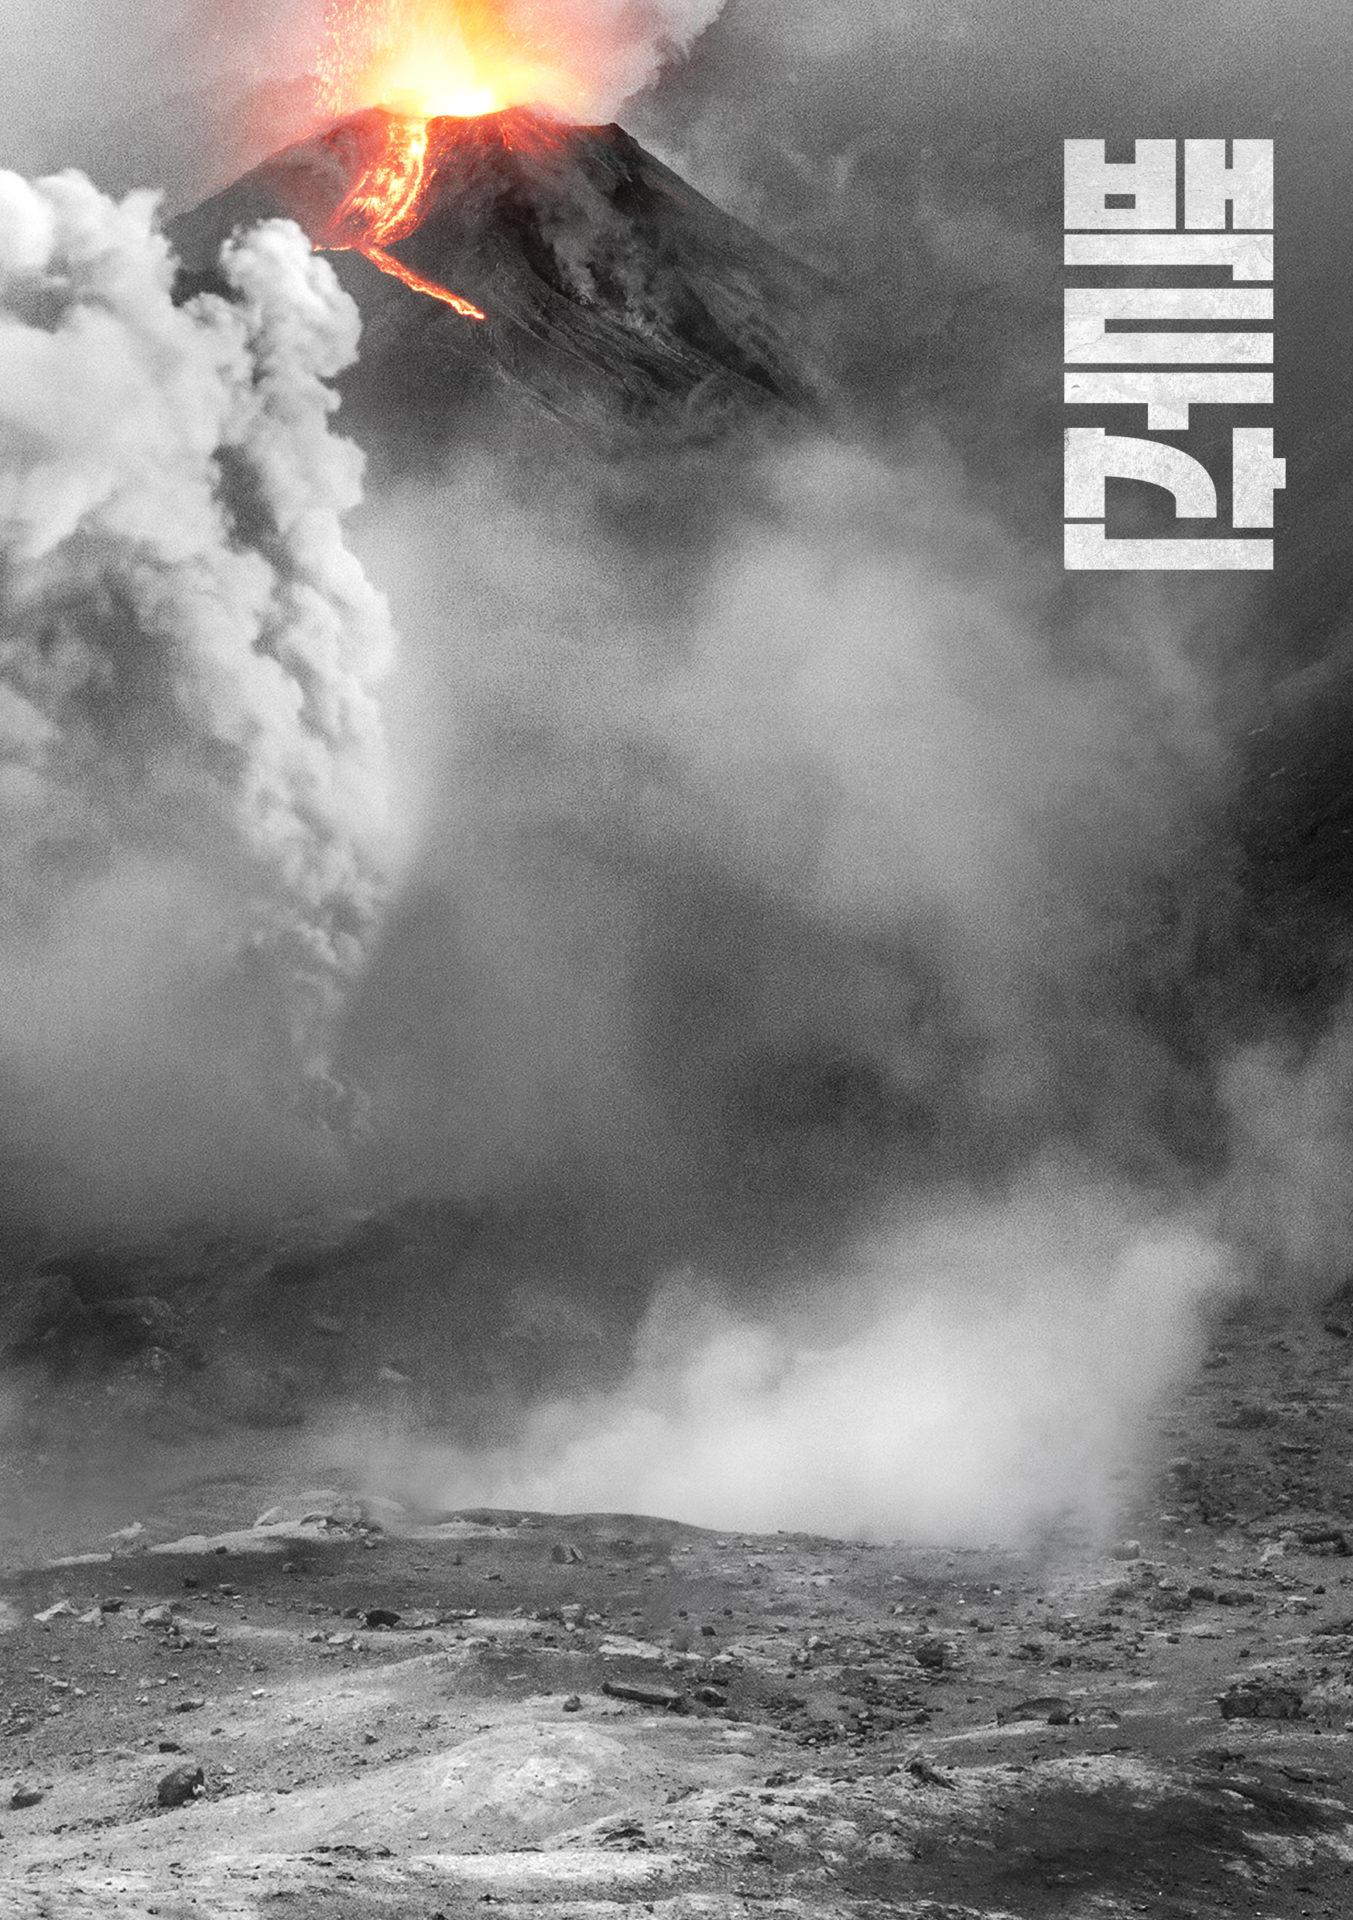 《白頭山:半島浩劫》馬東石攜手《與神同行》河正宇、影帝李炳憲拯救朝鮮半島